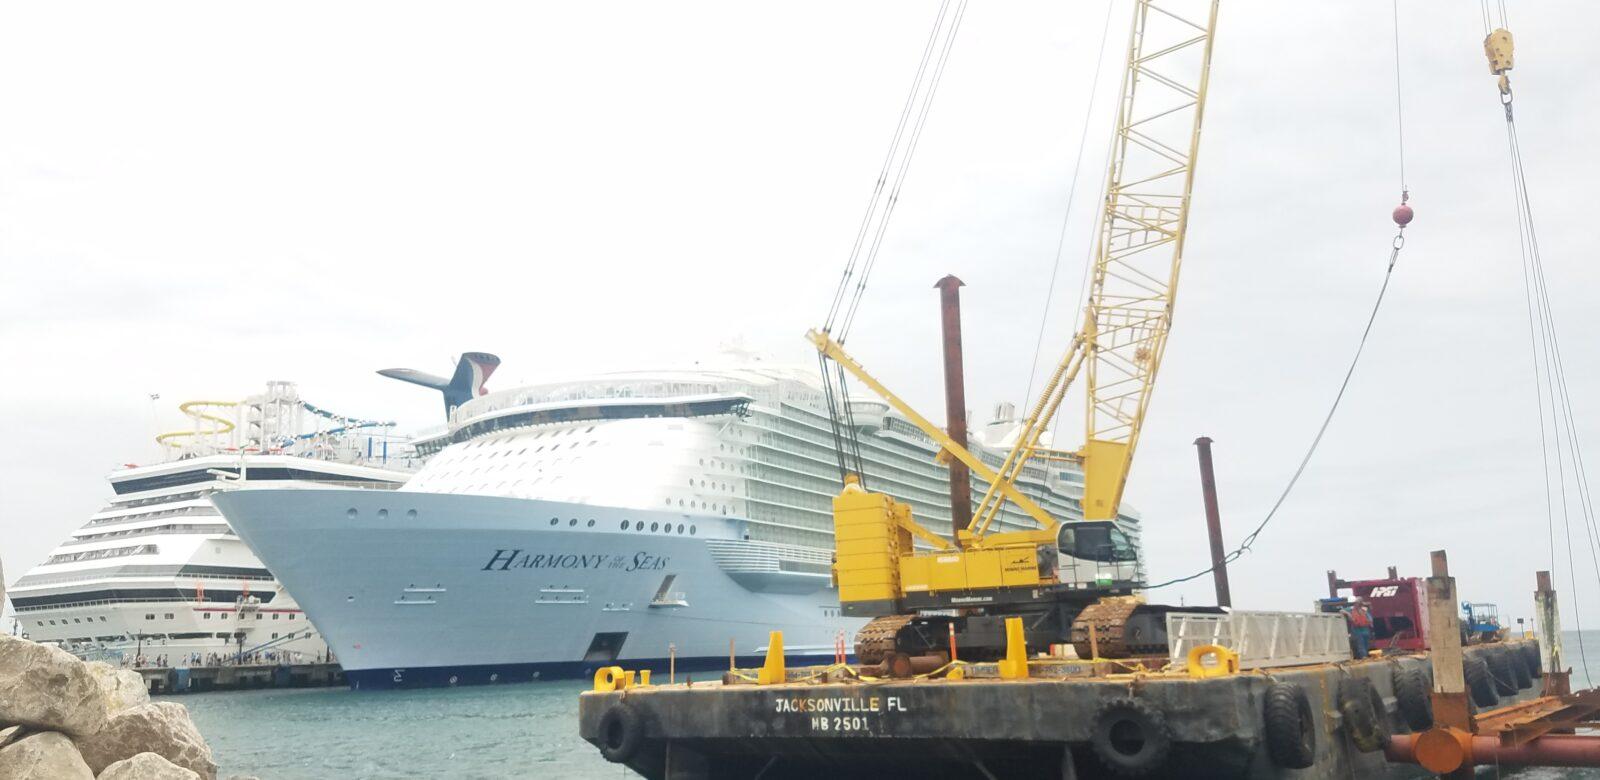 St. Kitts Cruise Ship Pier